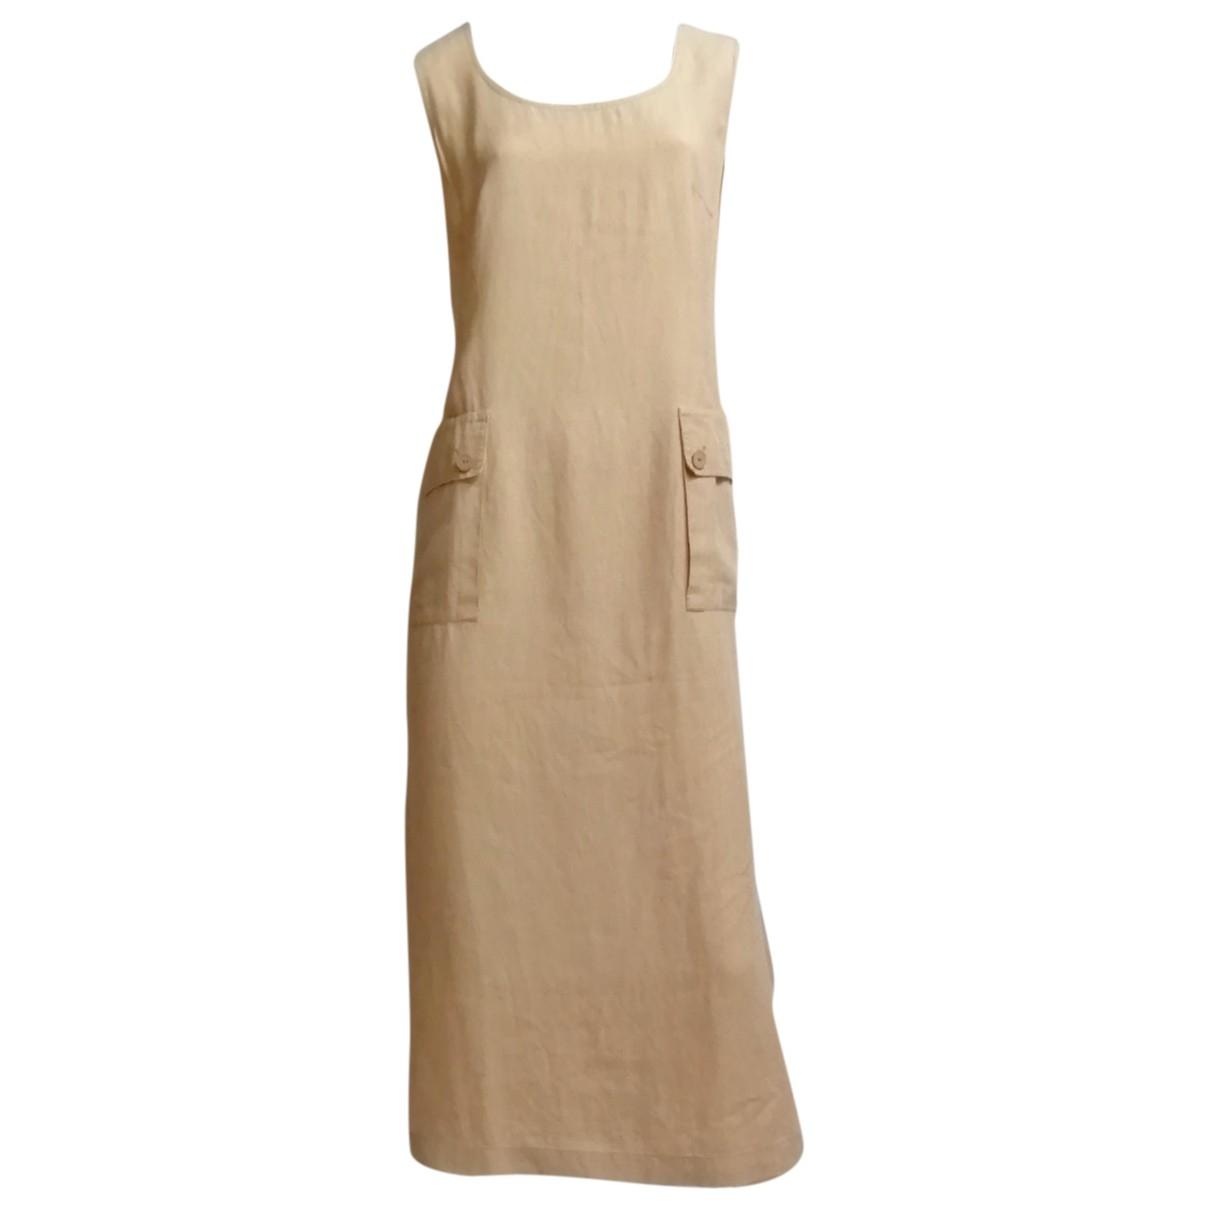 Pierre Cardin \N Kleid in  Beige Leinen